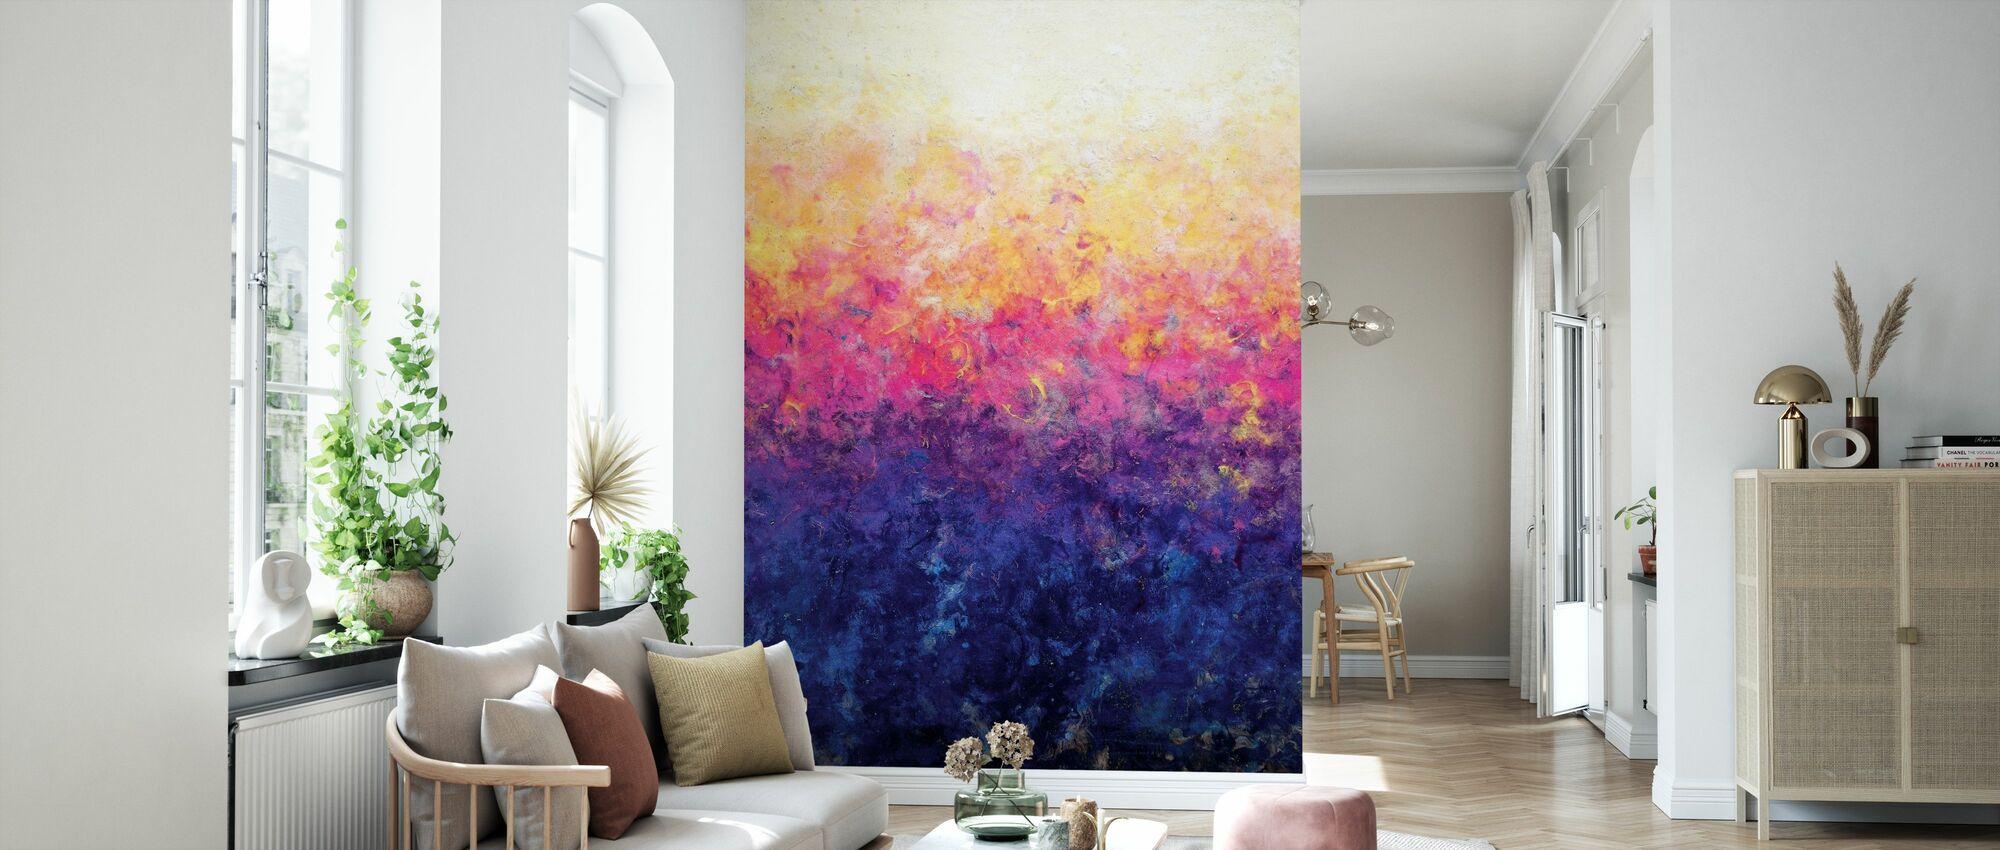 Waking Light - Wallpaper - Living Room